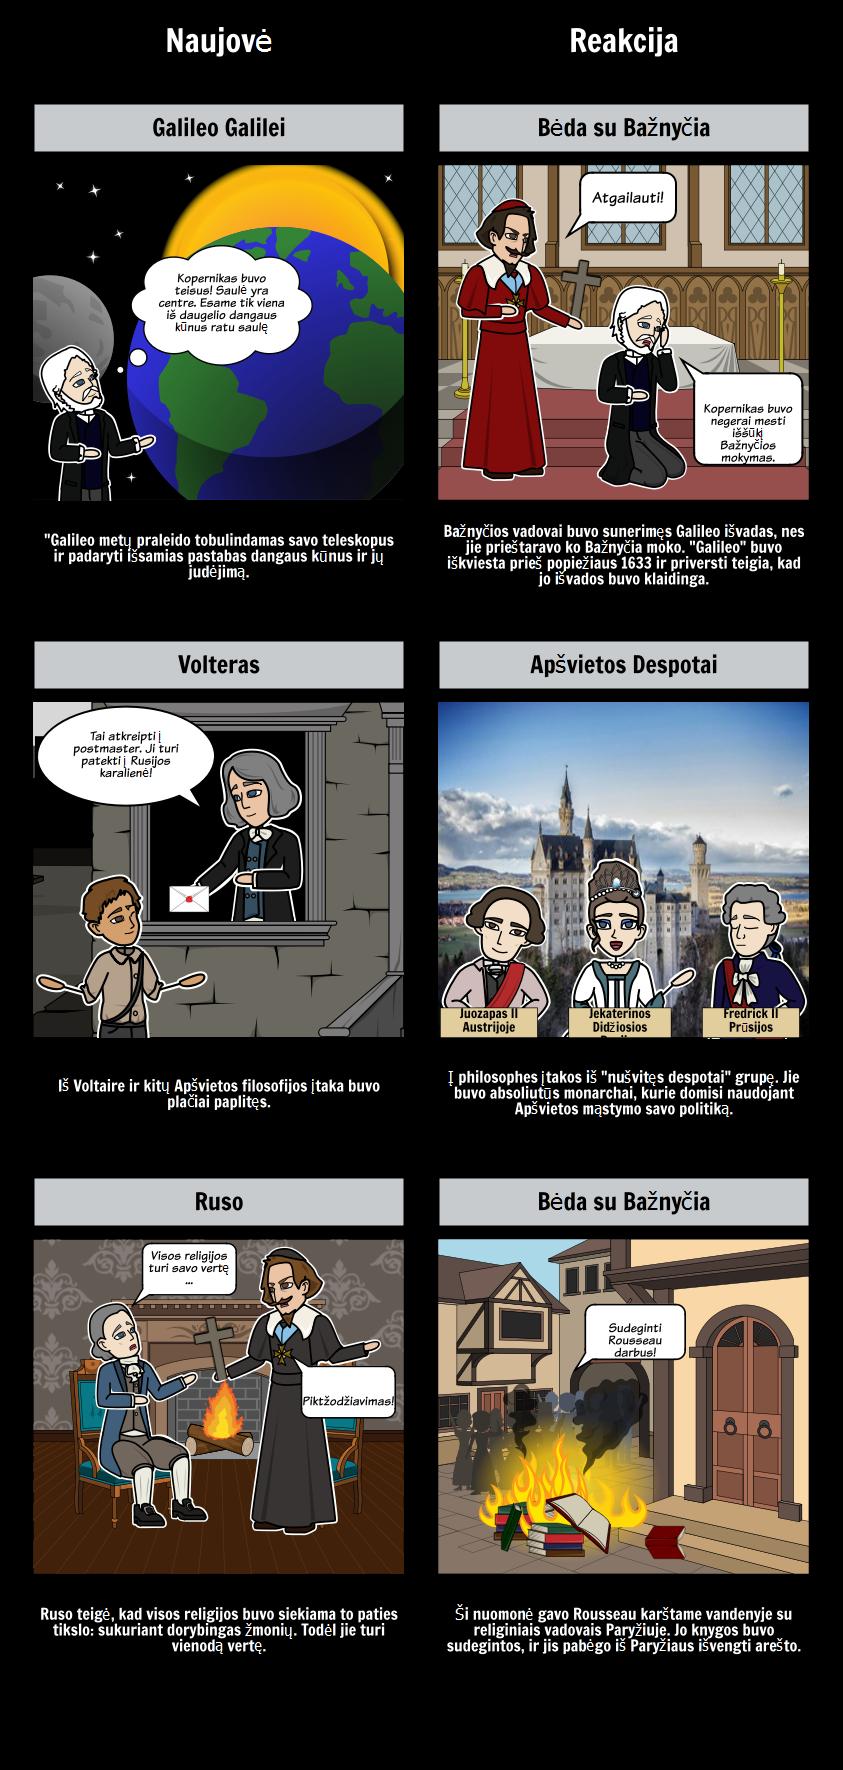 Mokslinė Revoliucija ir Apšvieta: Reakcijos